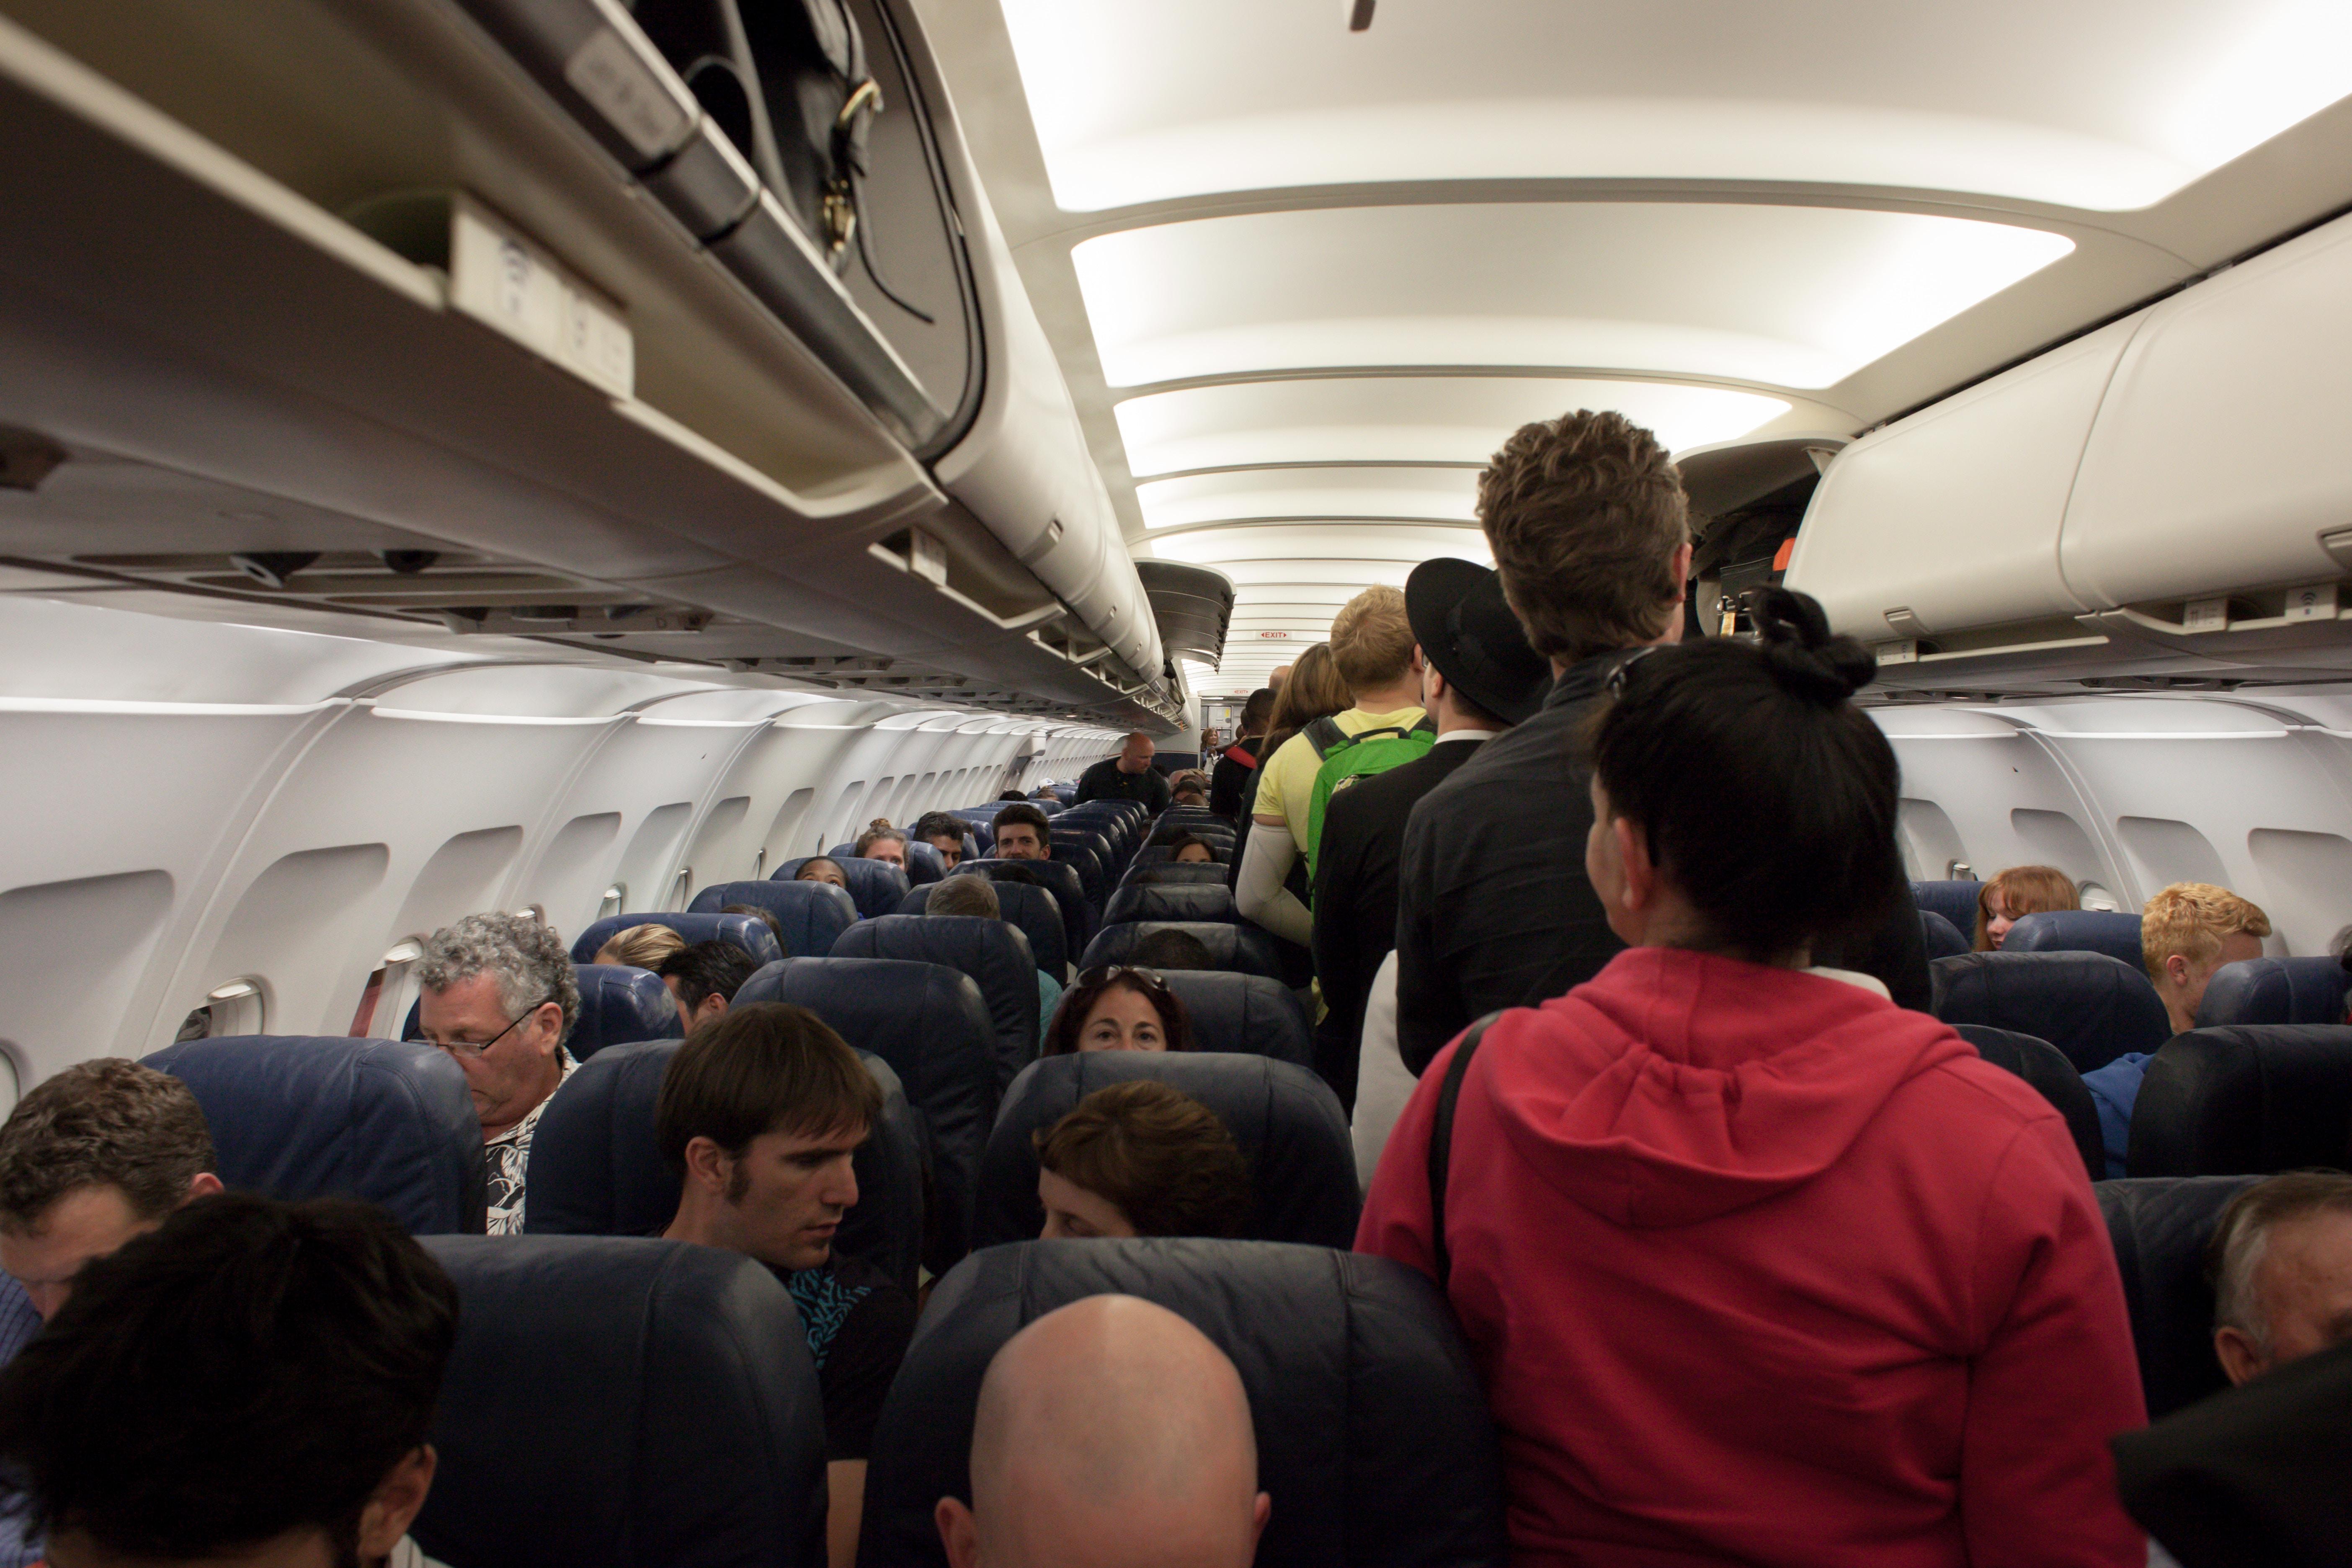 Kiểu hành khách đi đứng vô duyên, ghét trên máy bay